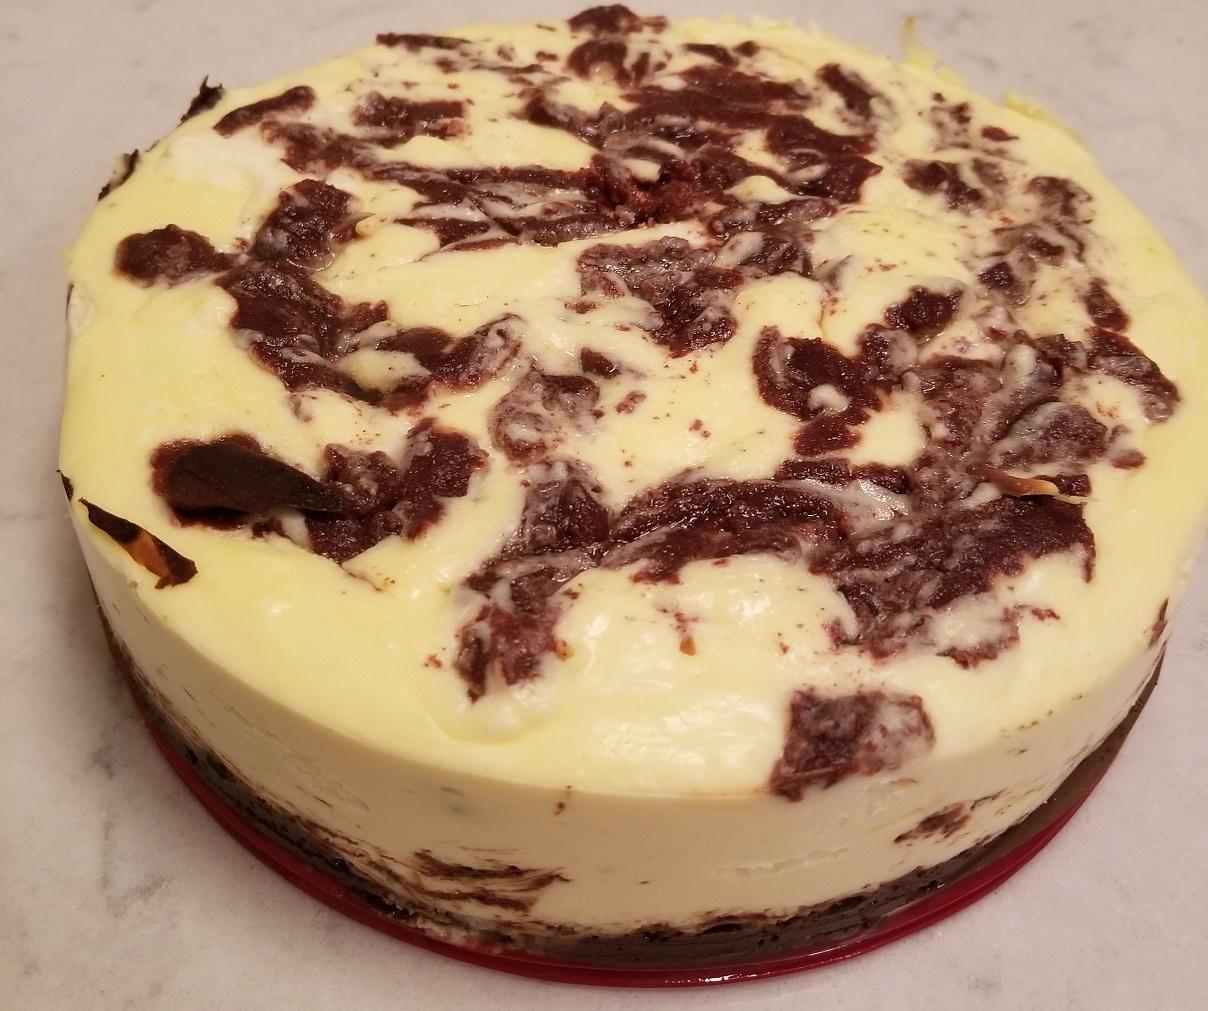 keto cinnamon swirl cheesecake